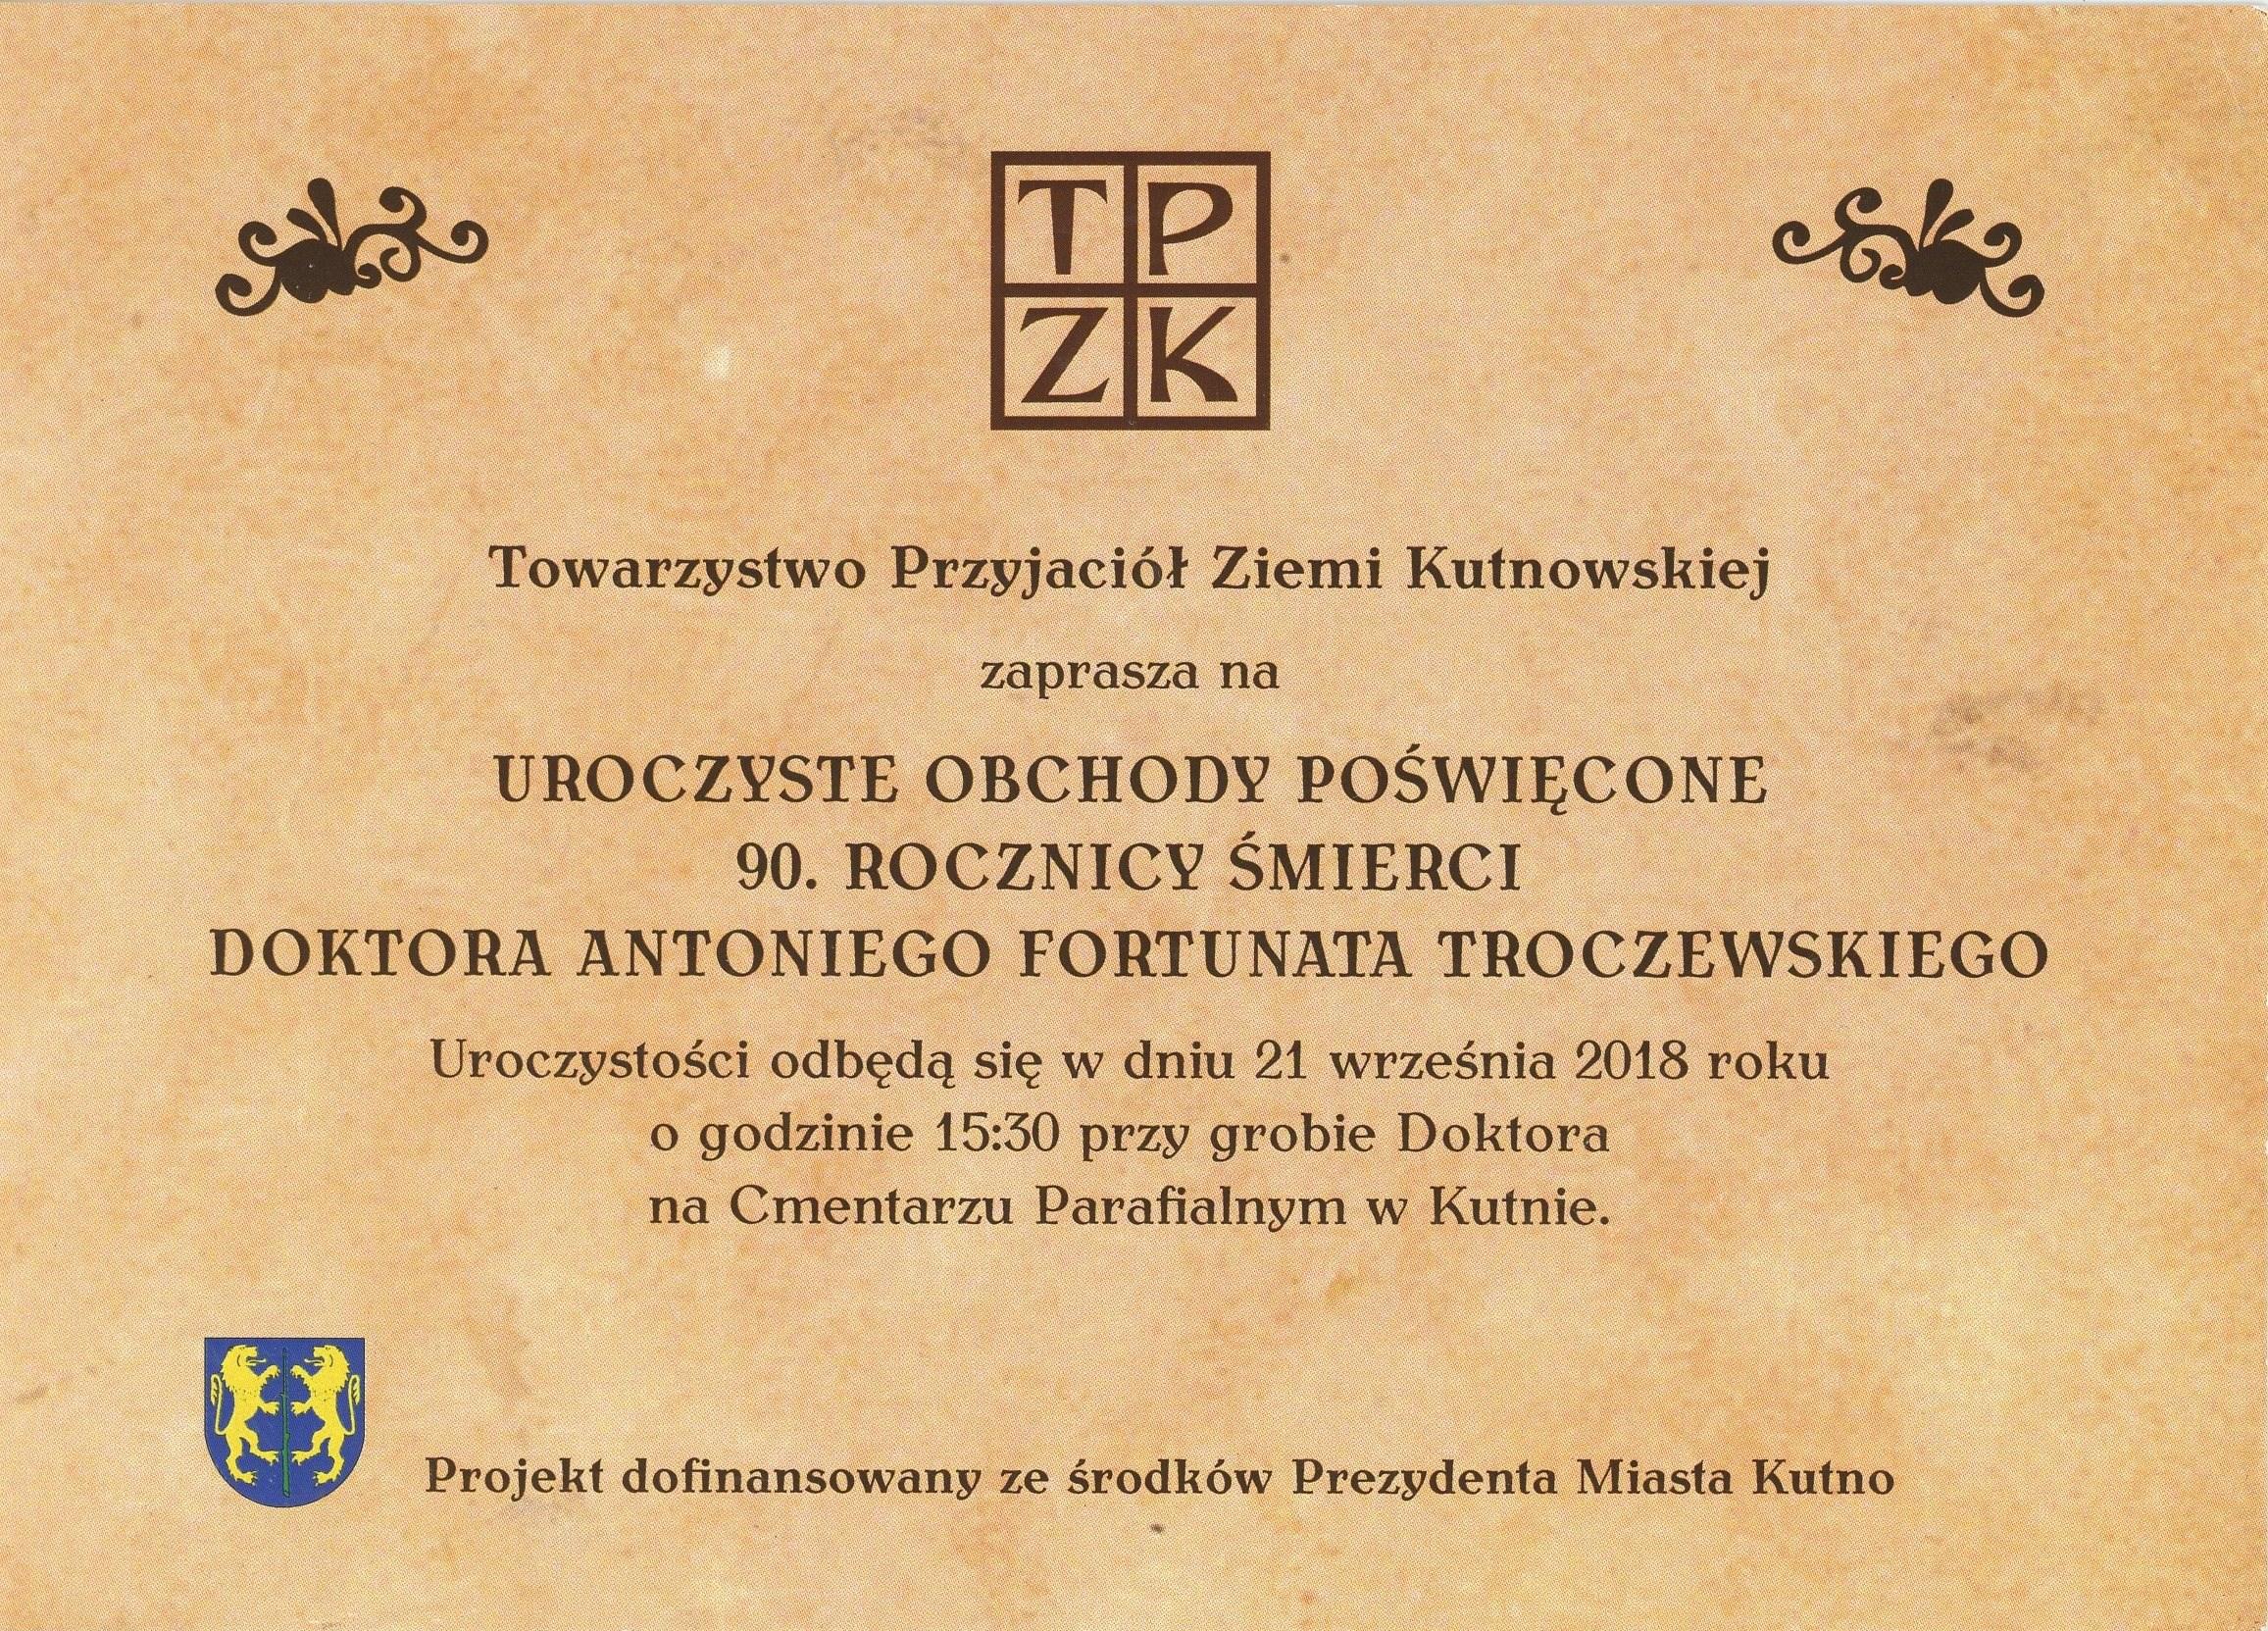 troczewski 2018 90 rocznica śmierci2